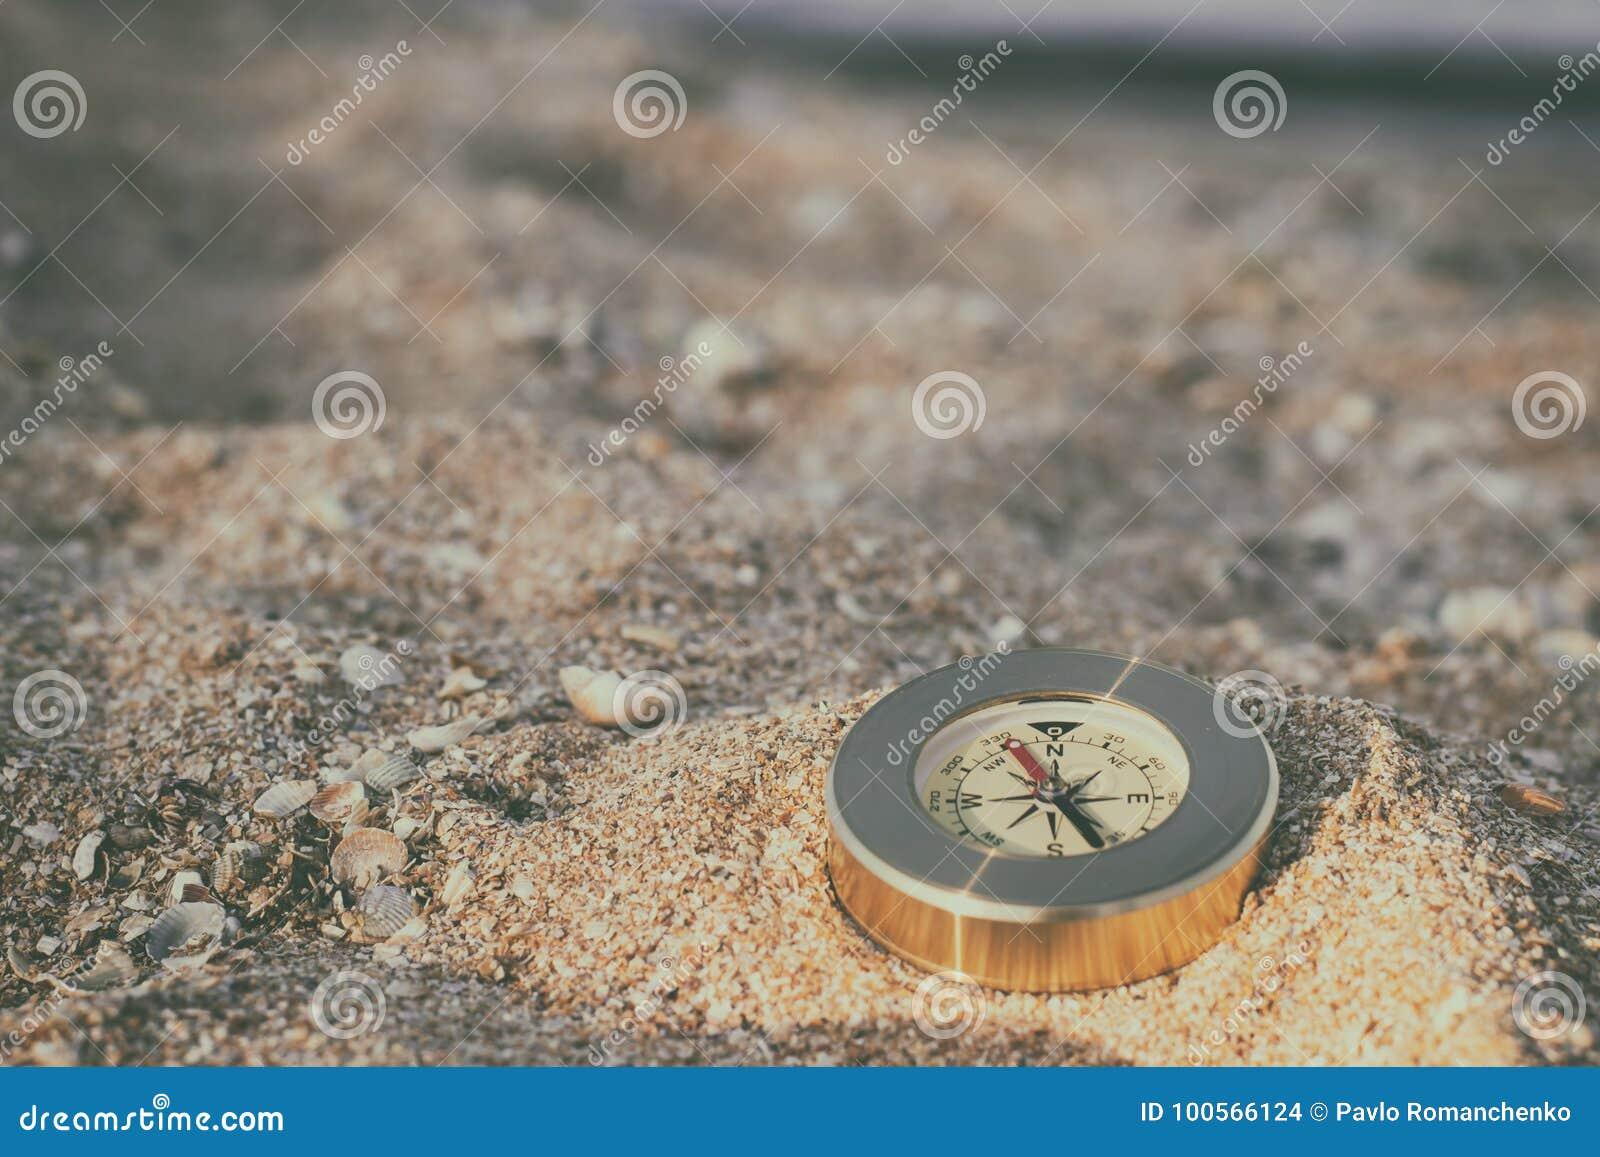 En kompass som visar riktningen, ligger på havssanden med skal